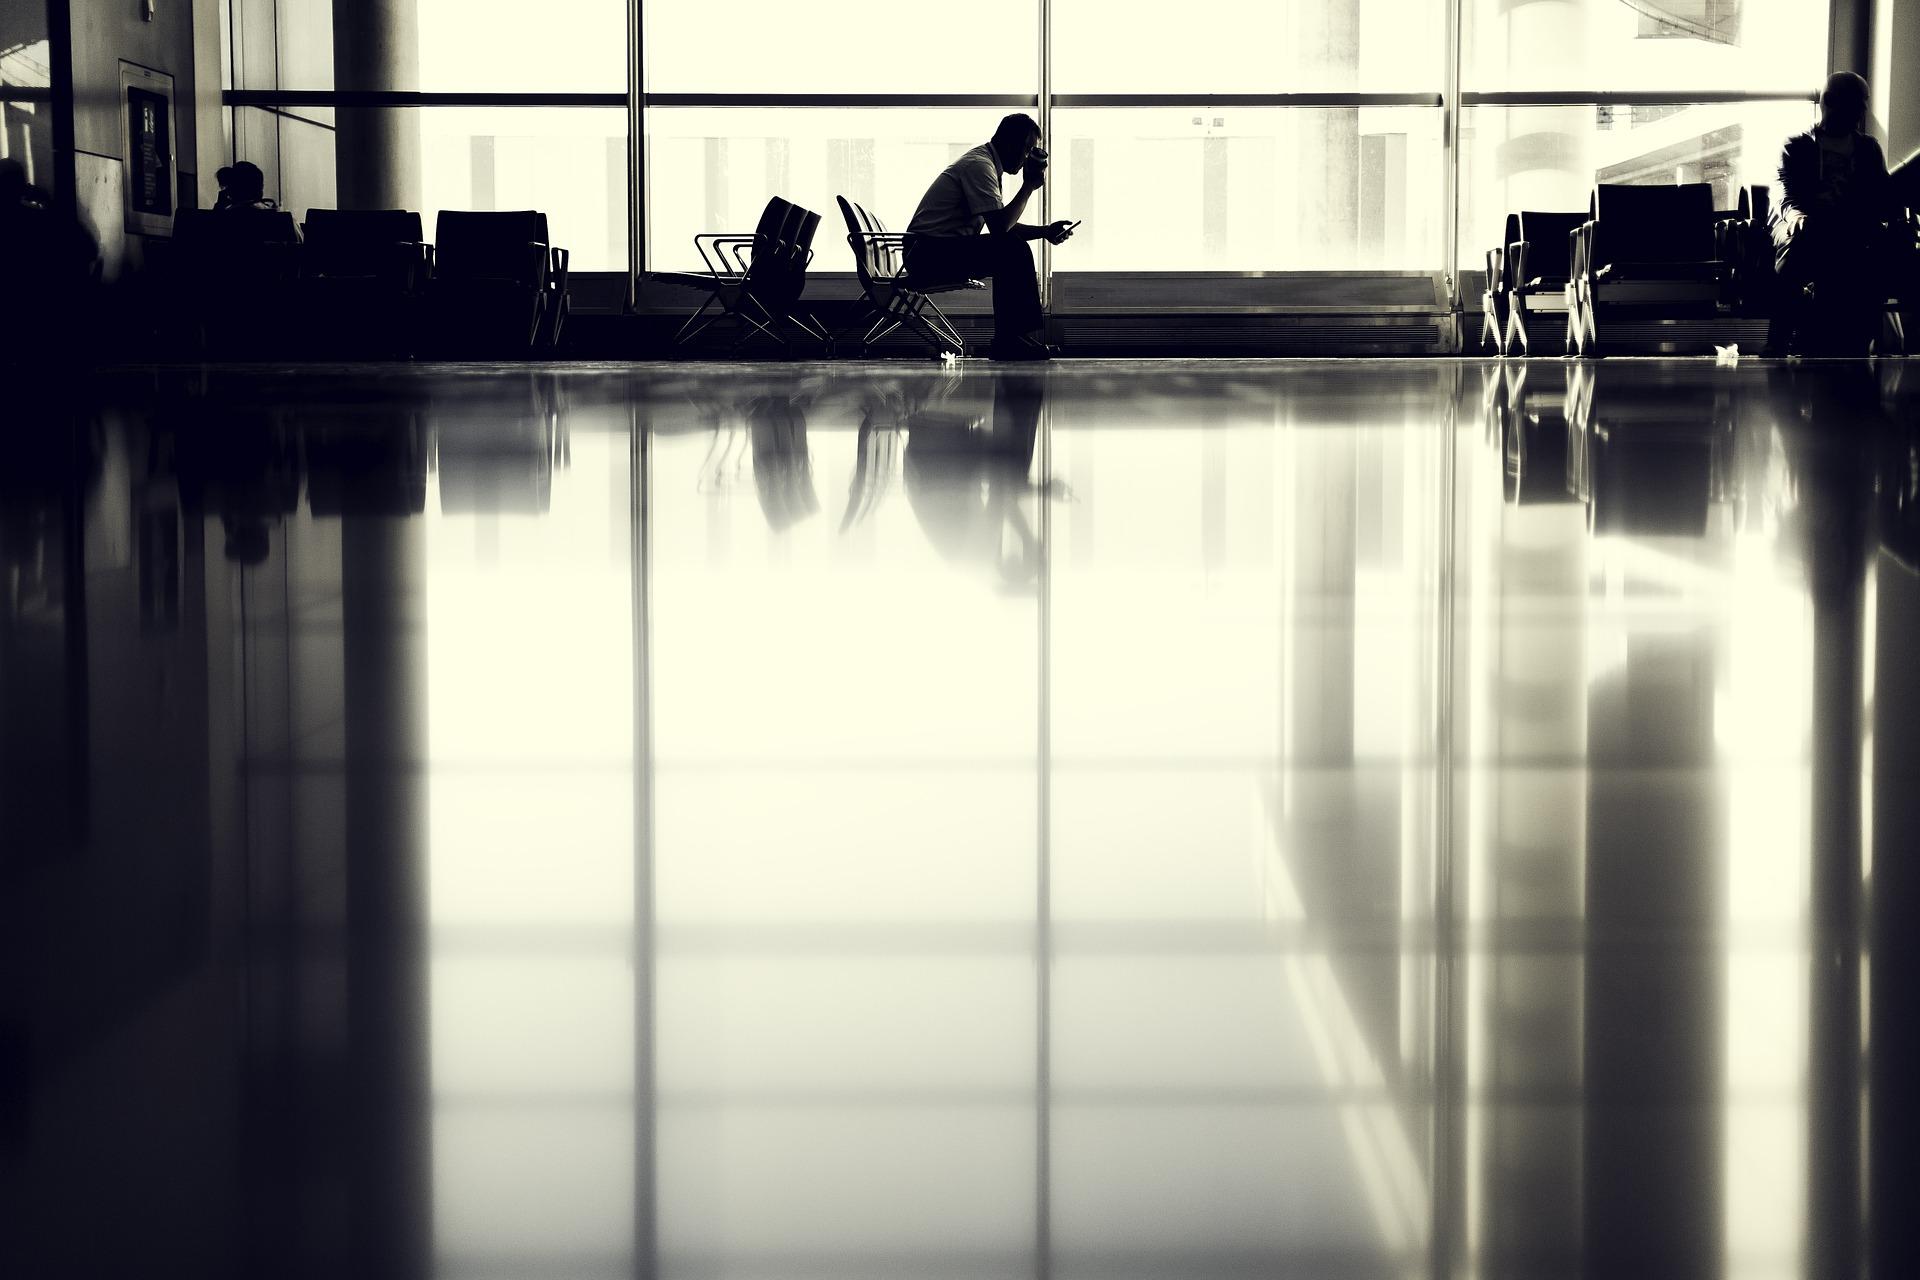 ¿Tienes derecho a ser compensado en tu moneda nacional por la cancelación o retraso de un vuelo?